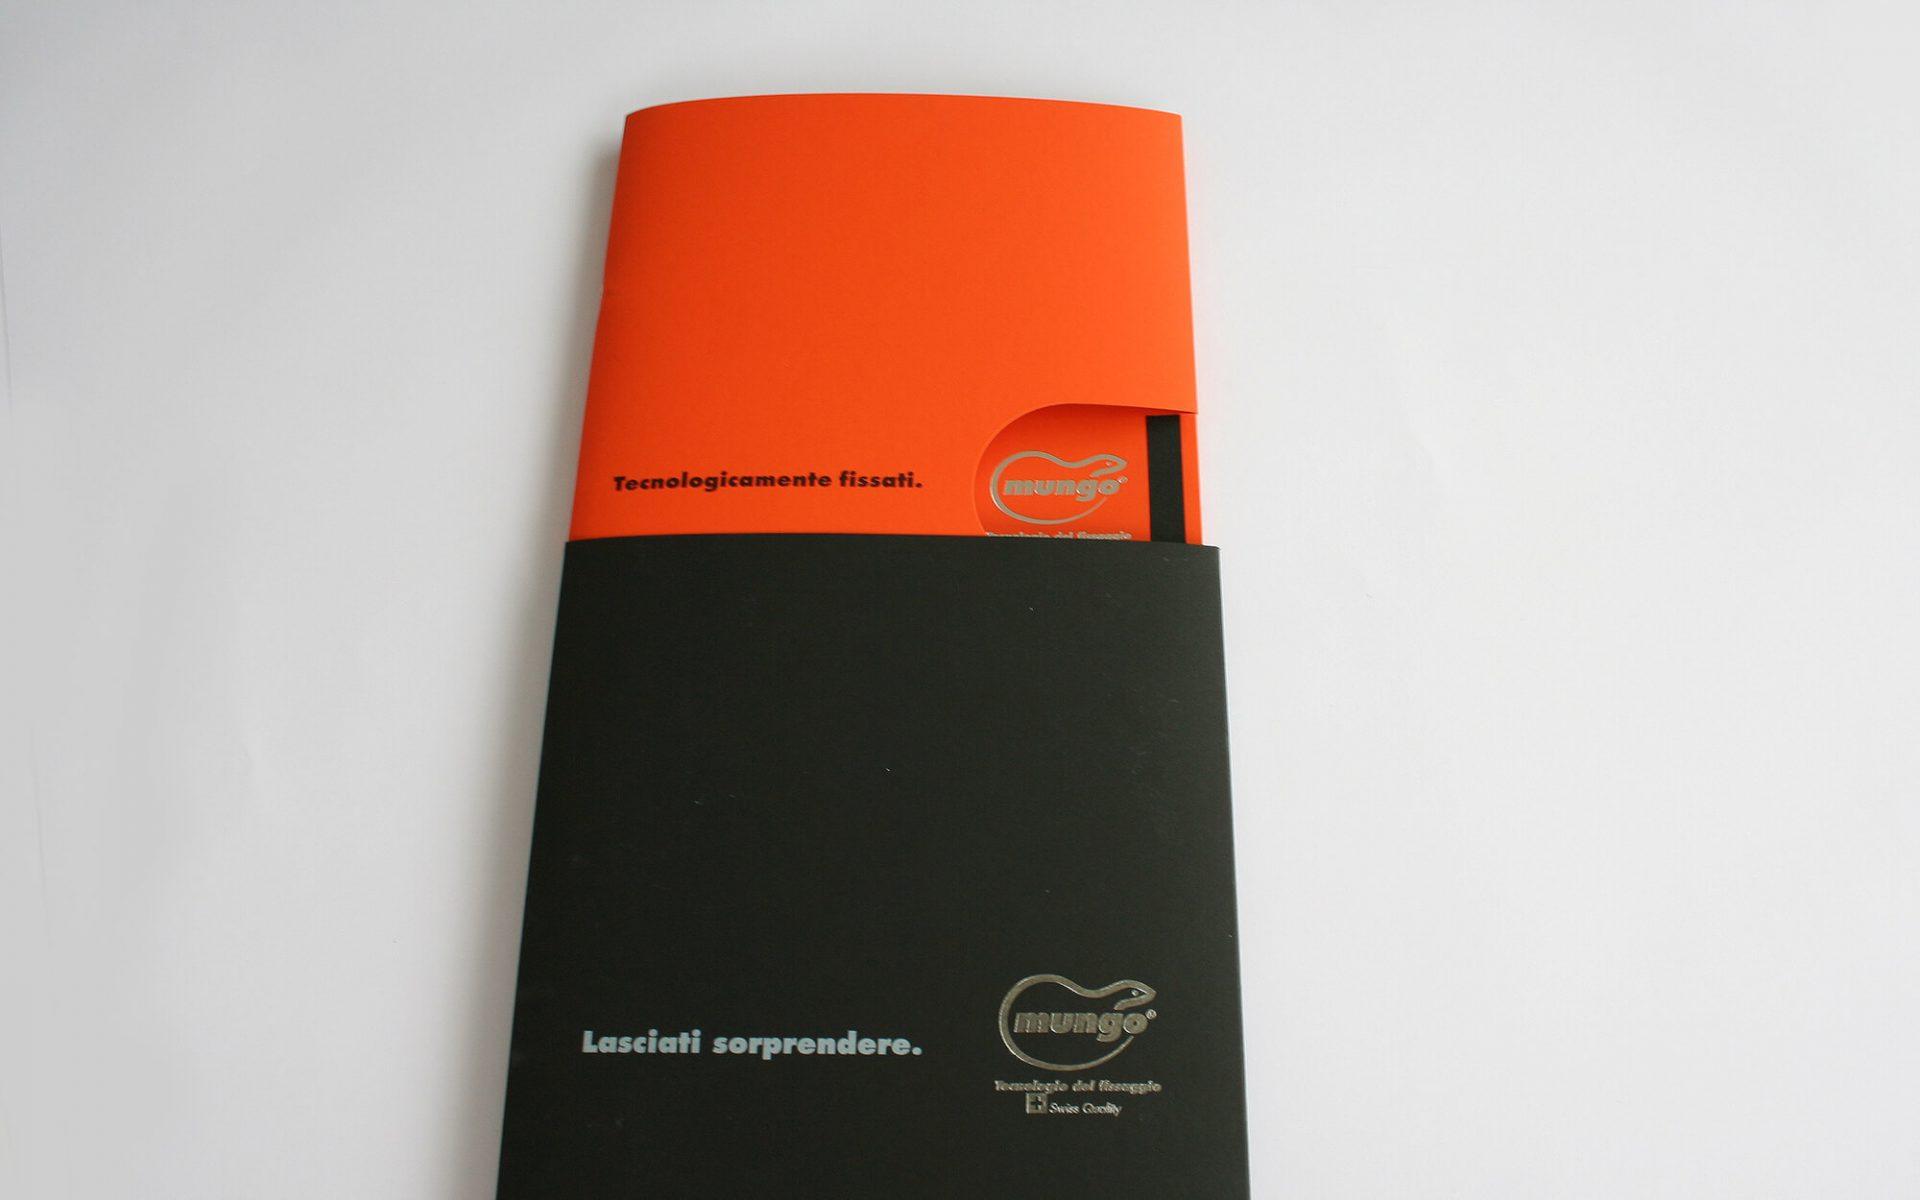 copertina e custodia fustellata brochure mungo italia, progetto agenzia di comunicazione diadestudio arco di trento